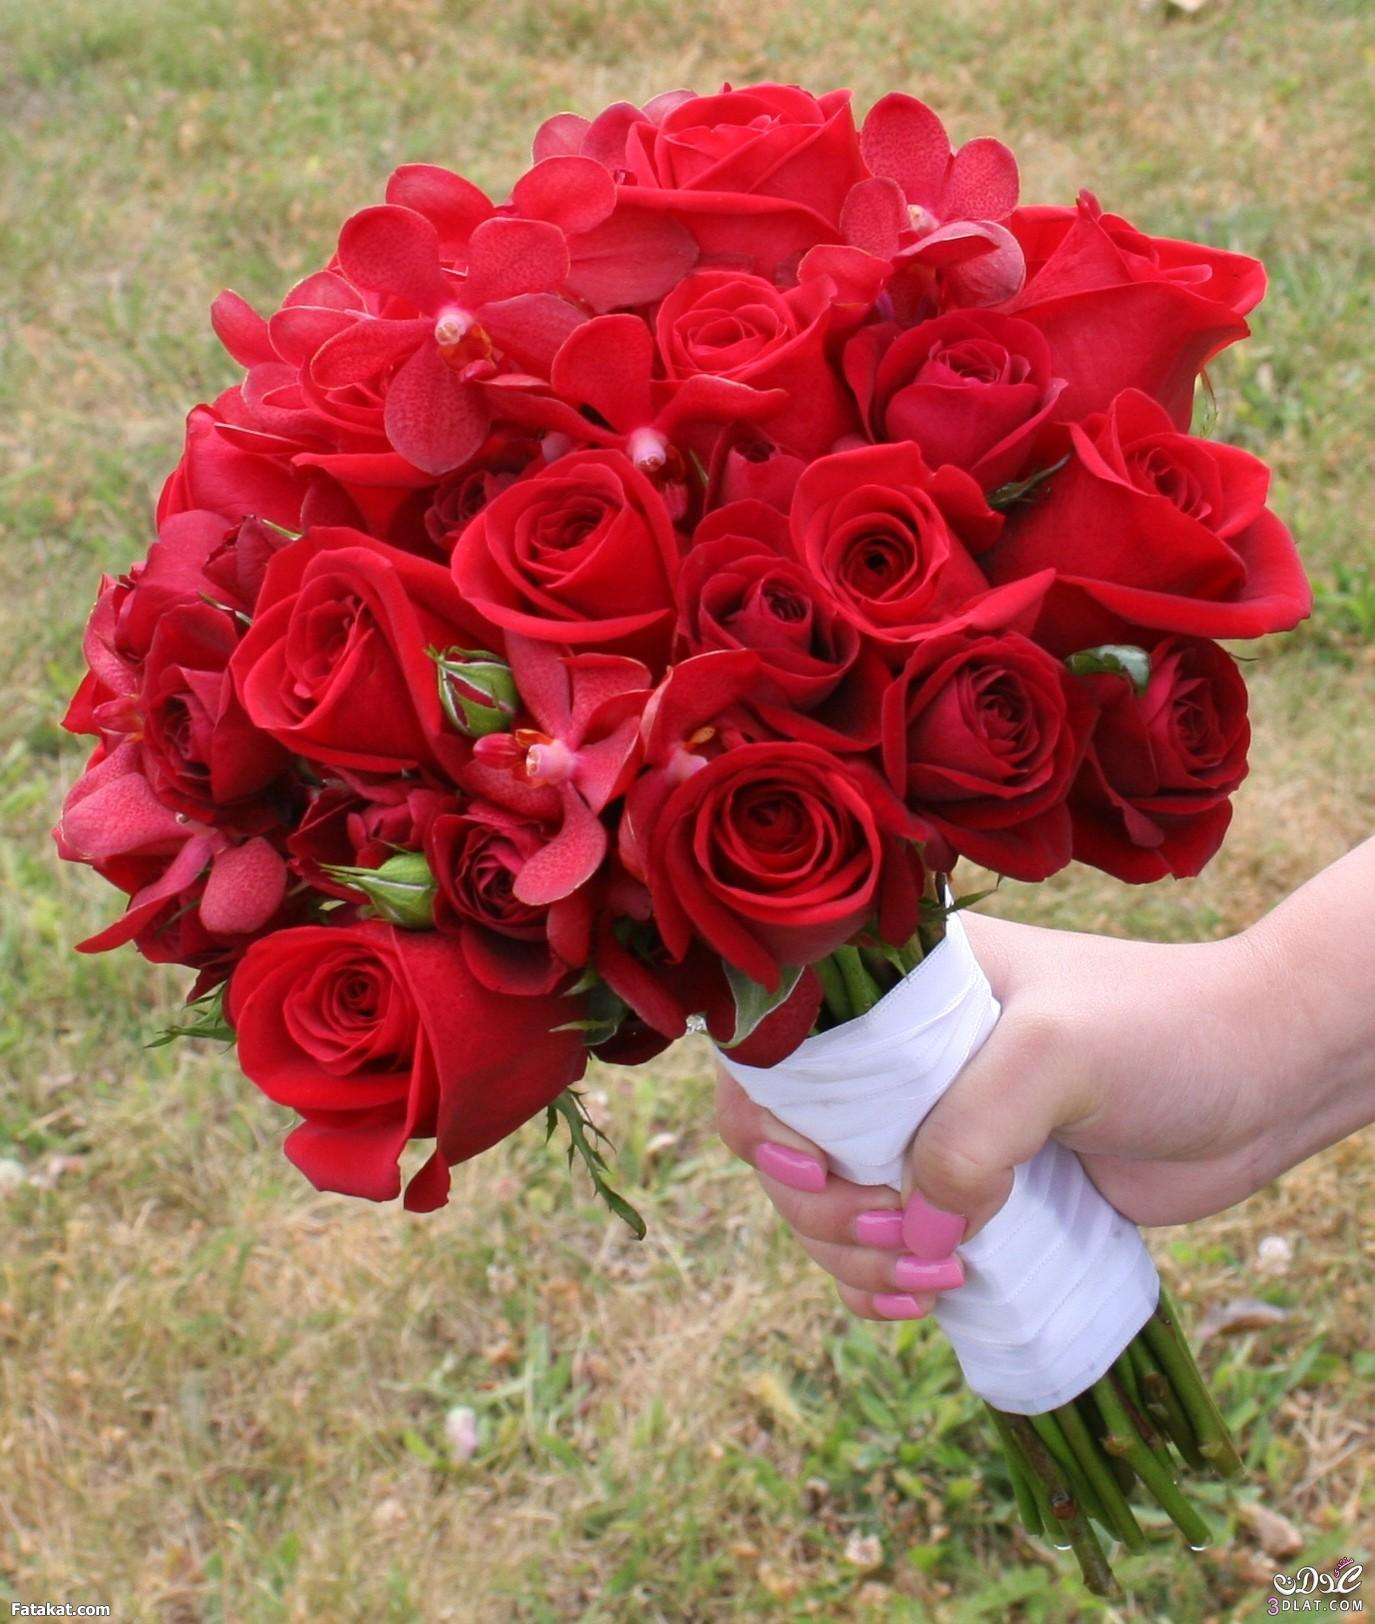 بالصور صور اجمل الورود , بالصور اجمل الورود الطبيعيه 6057 5